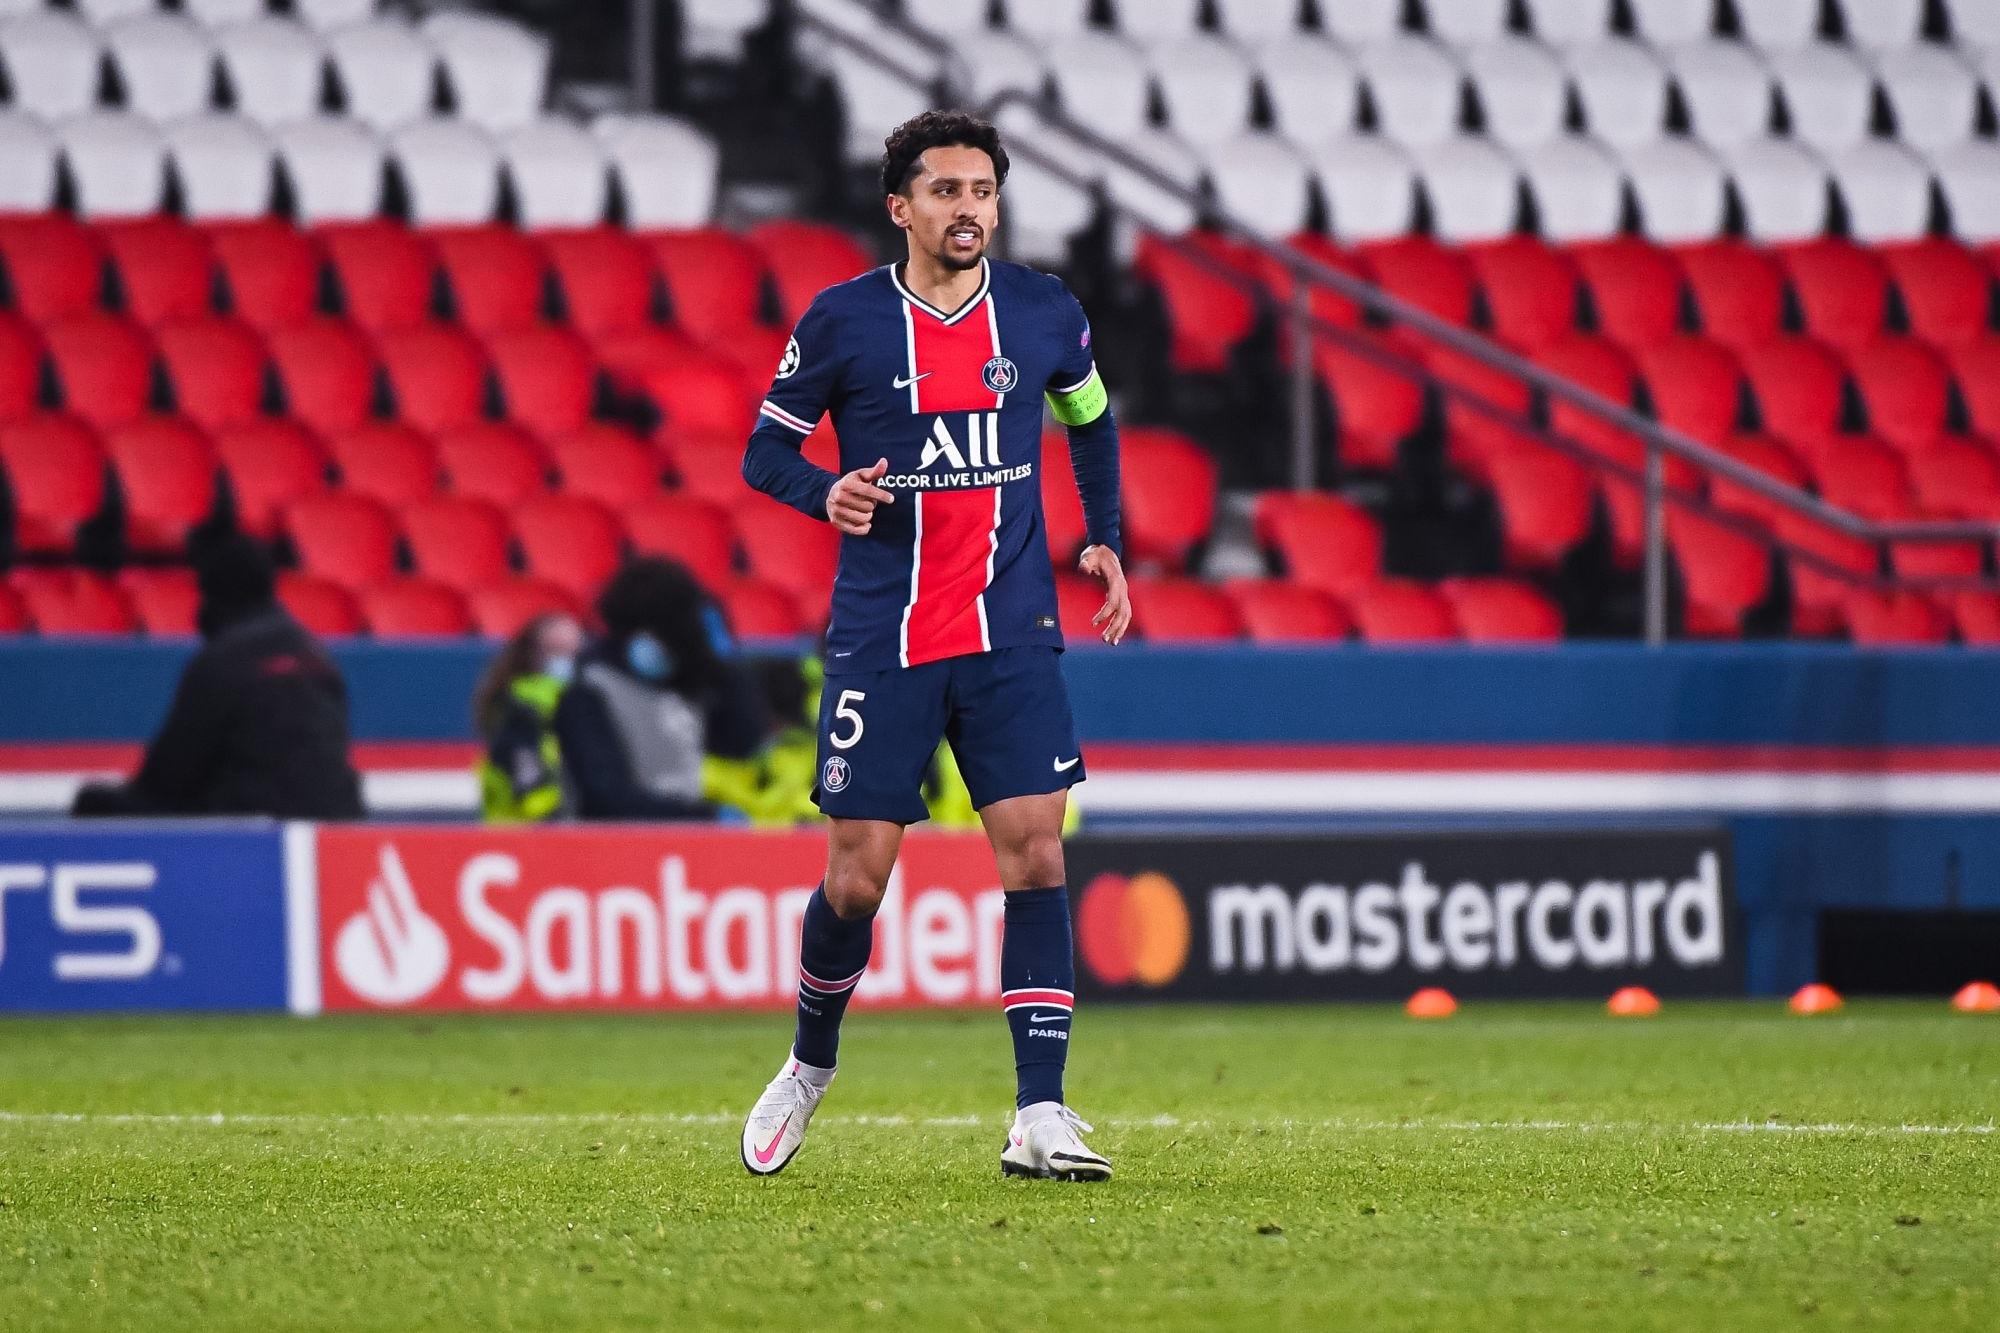 Marquinhos évoque Barcelone/PSG, une envie de départ passée et la volonté de rester à Paris